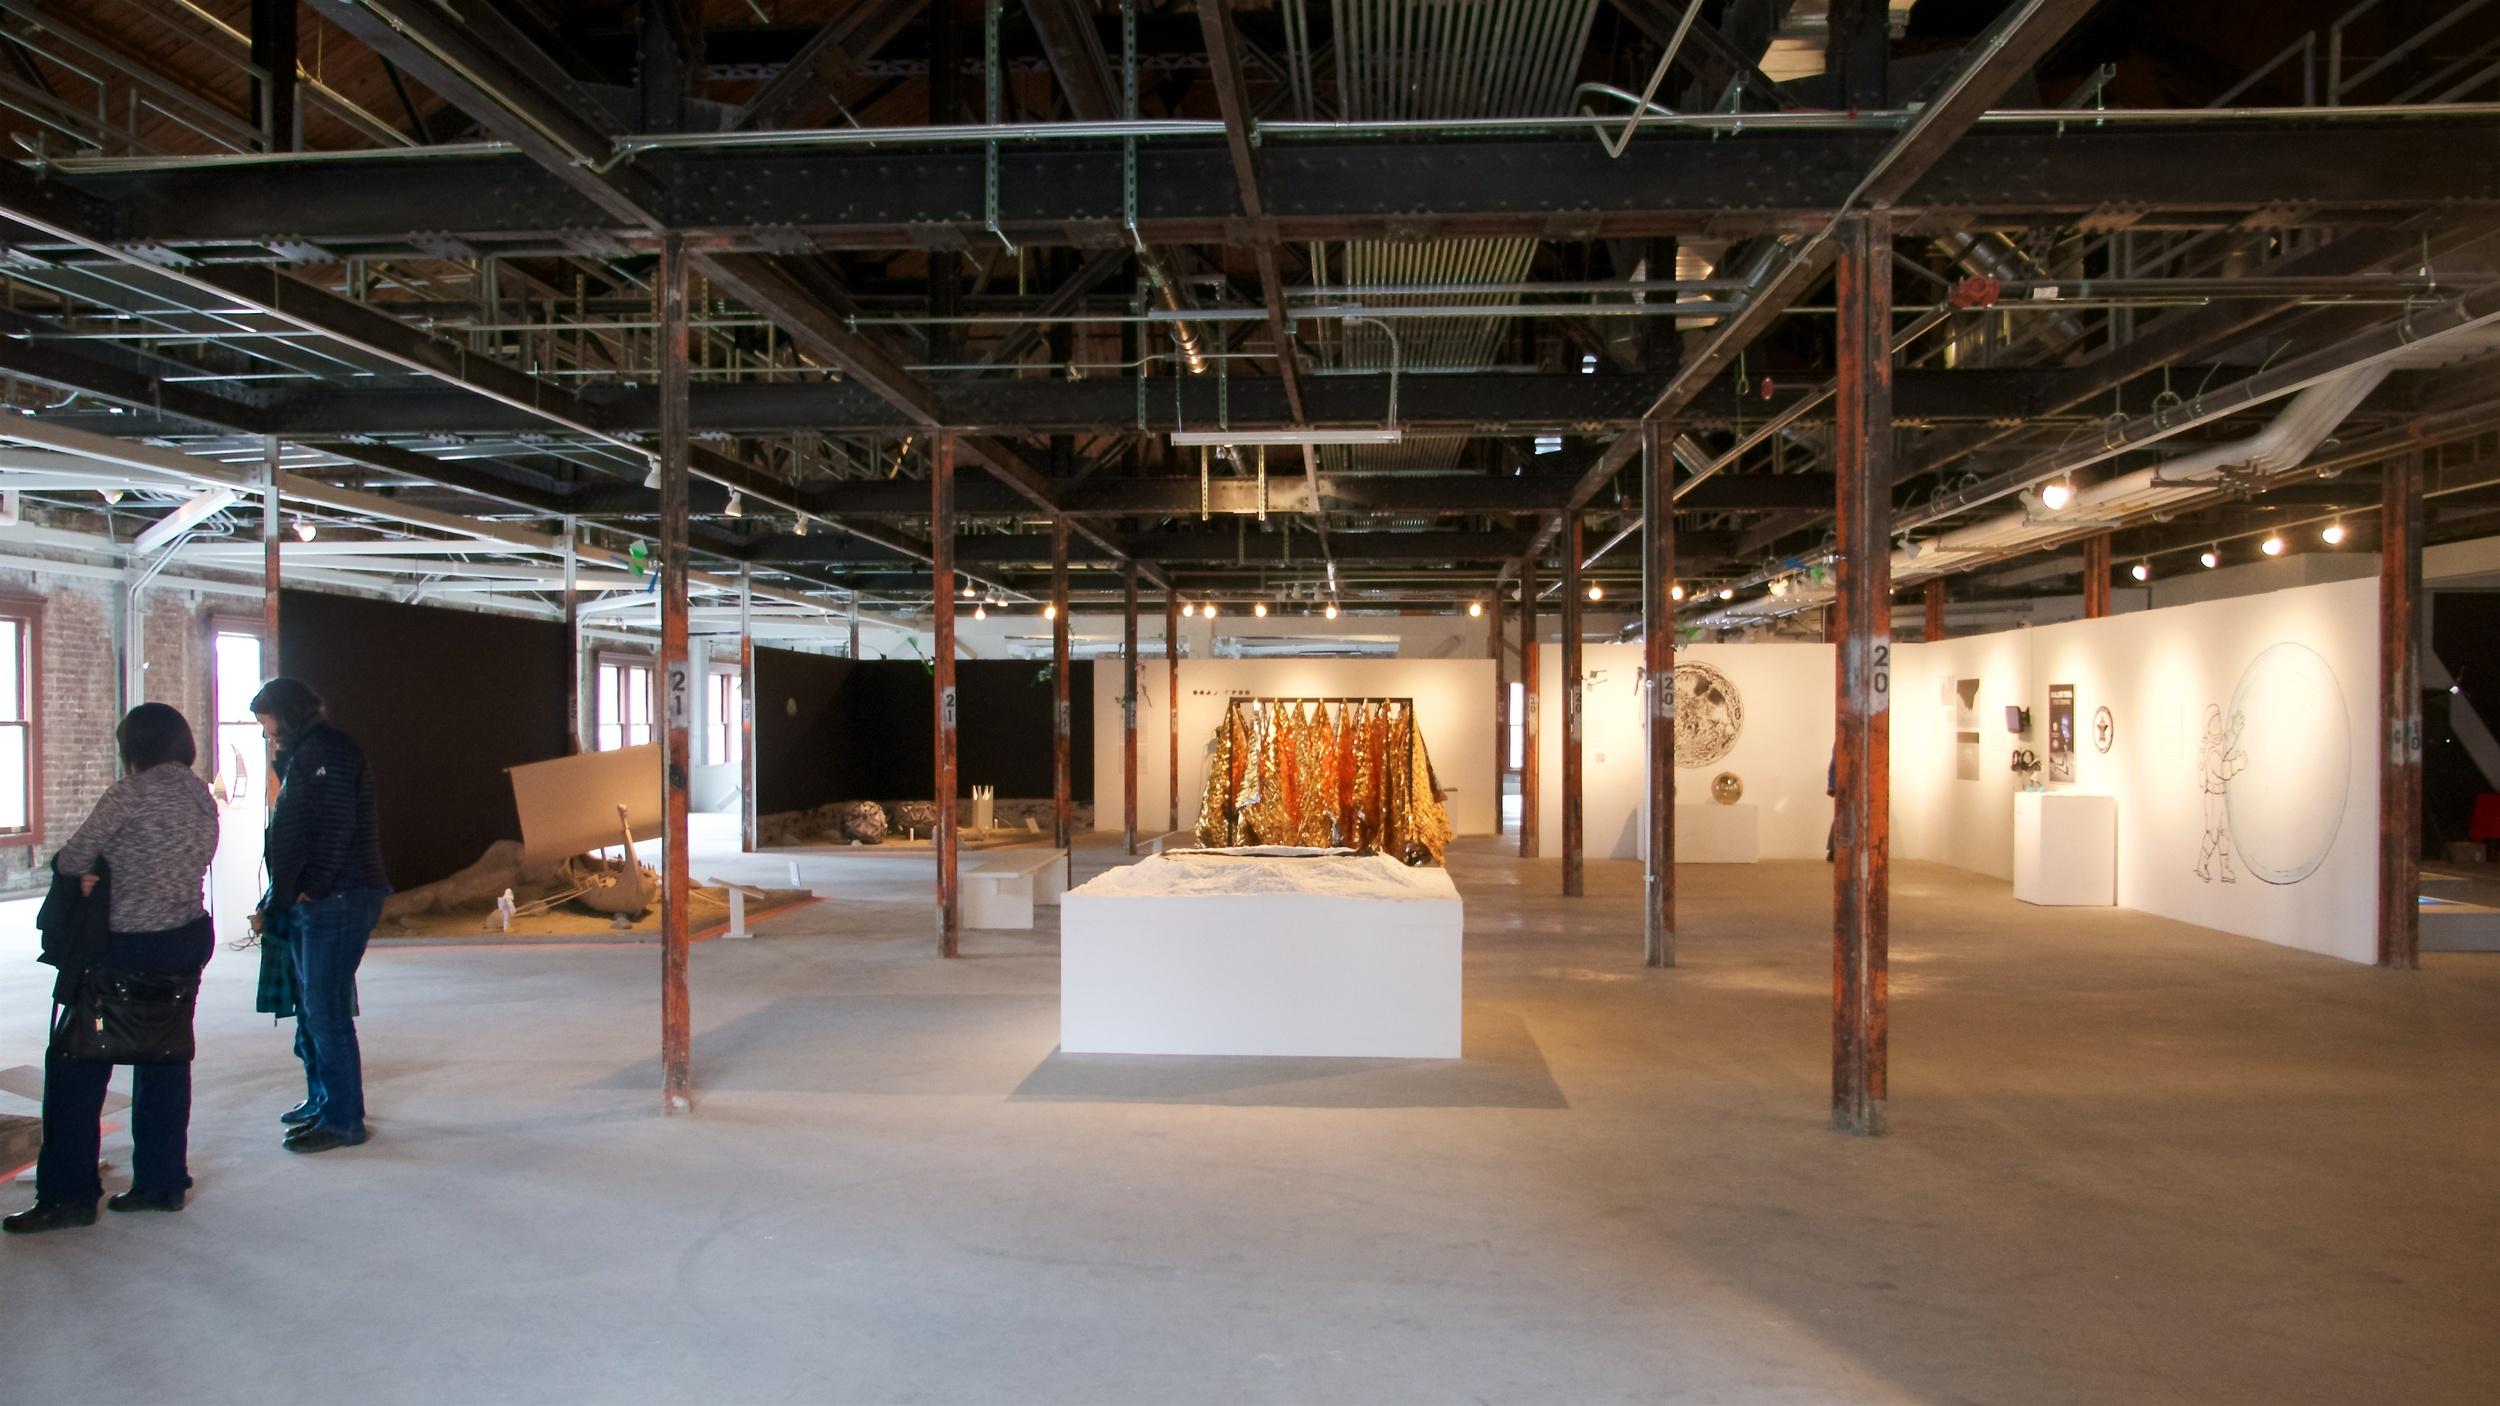 The work was arranged so the area felt very spacious.